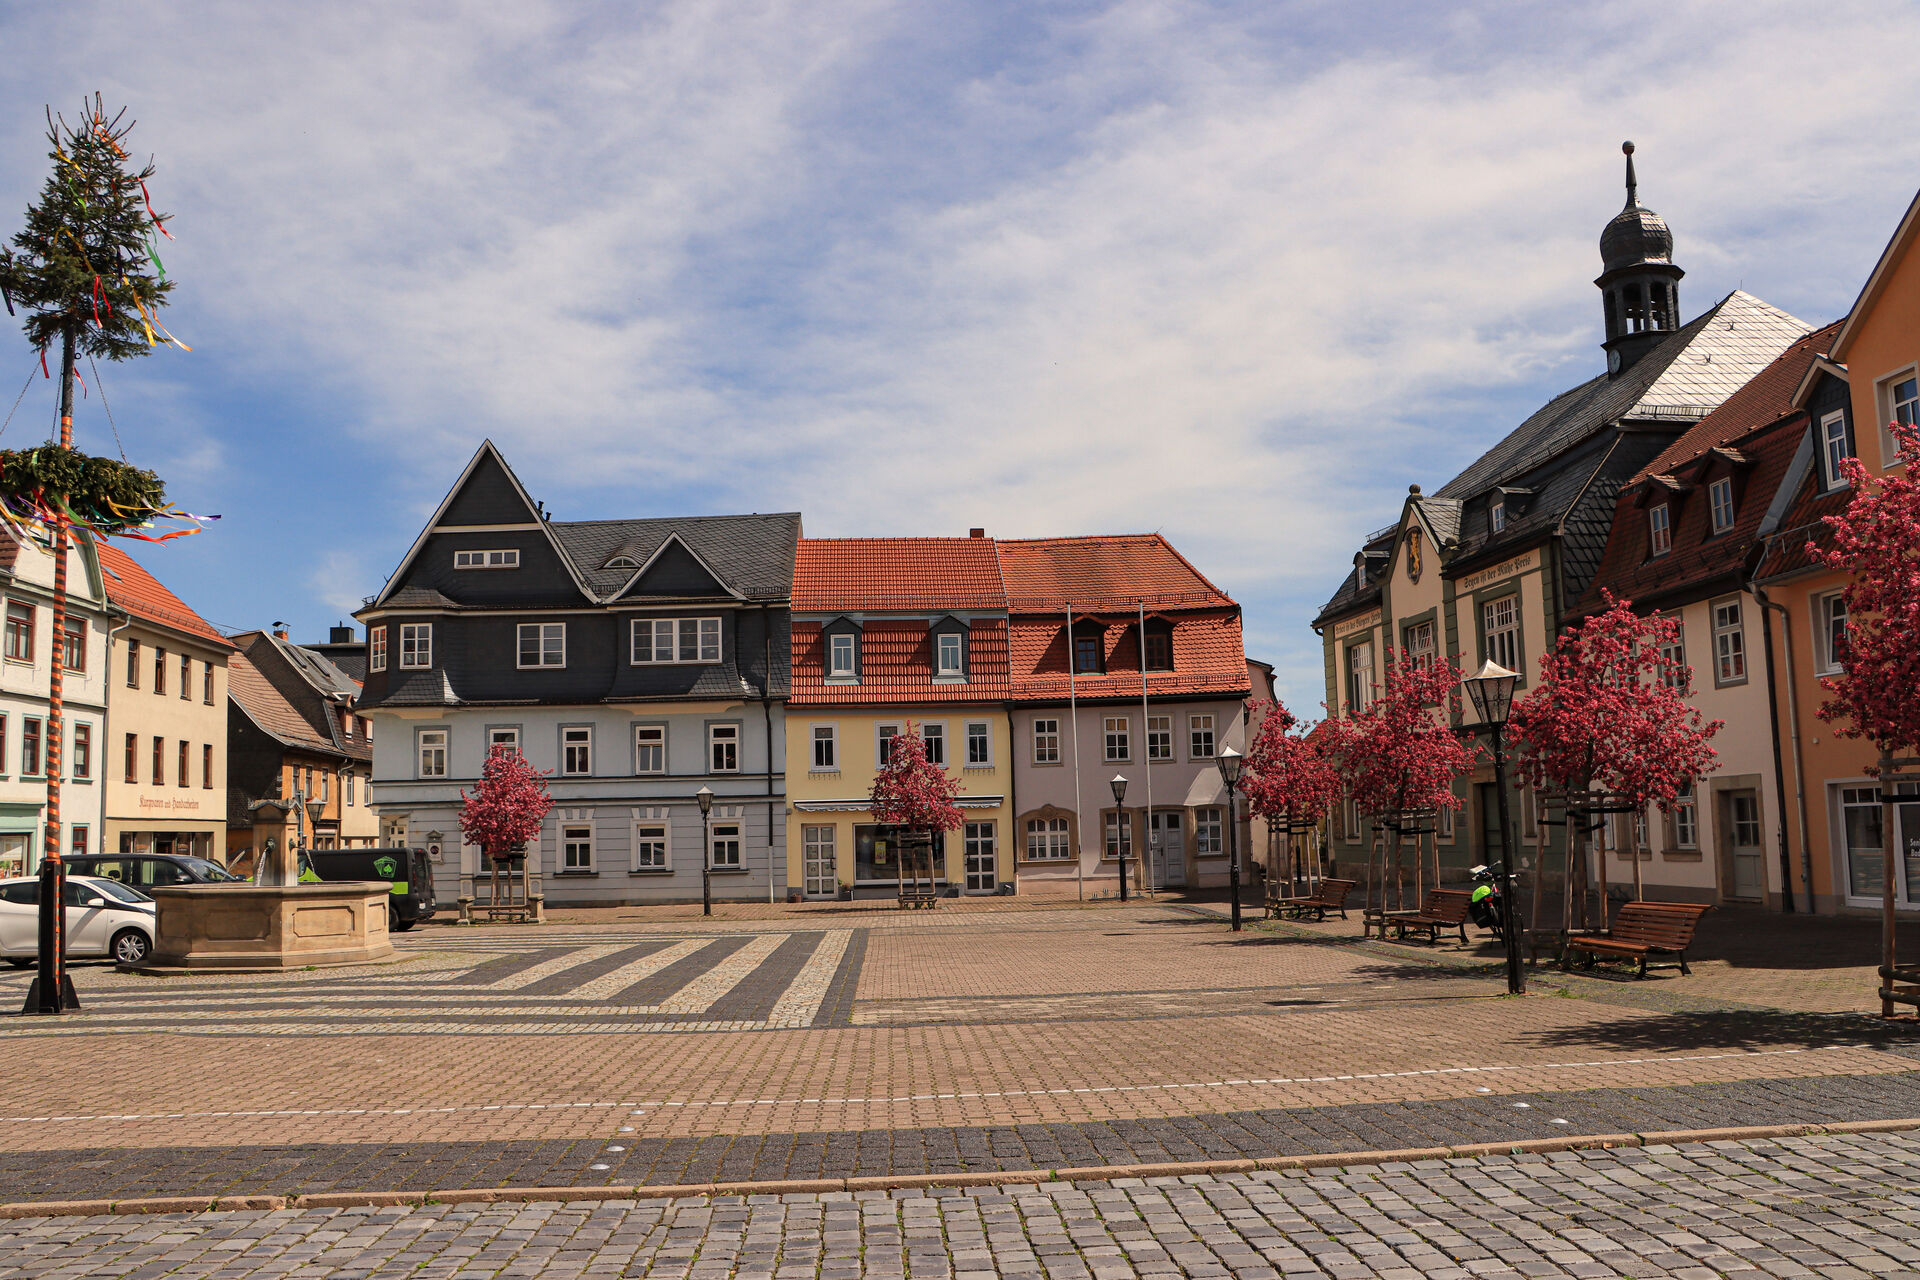 Marktplatz mit Rathaus in Bad Blankenburg